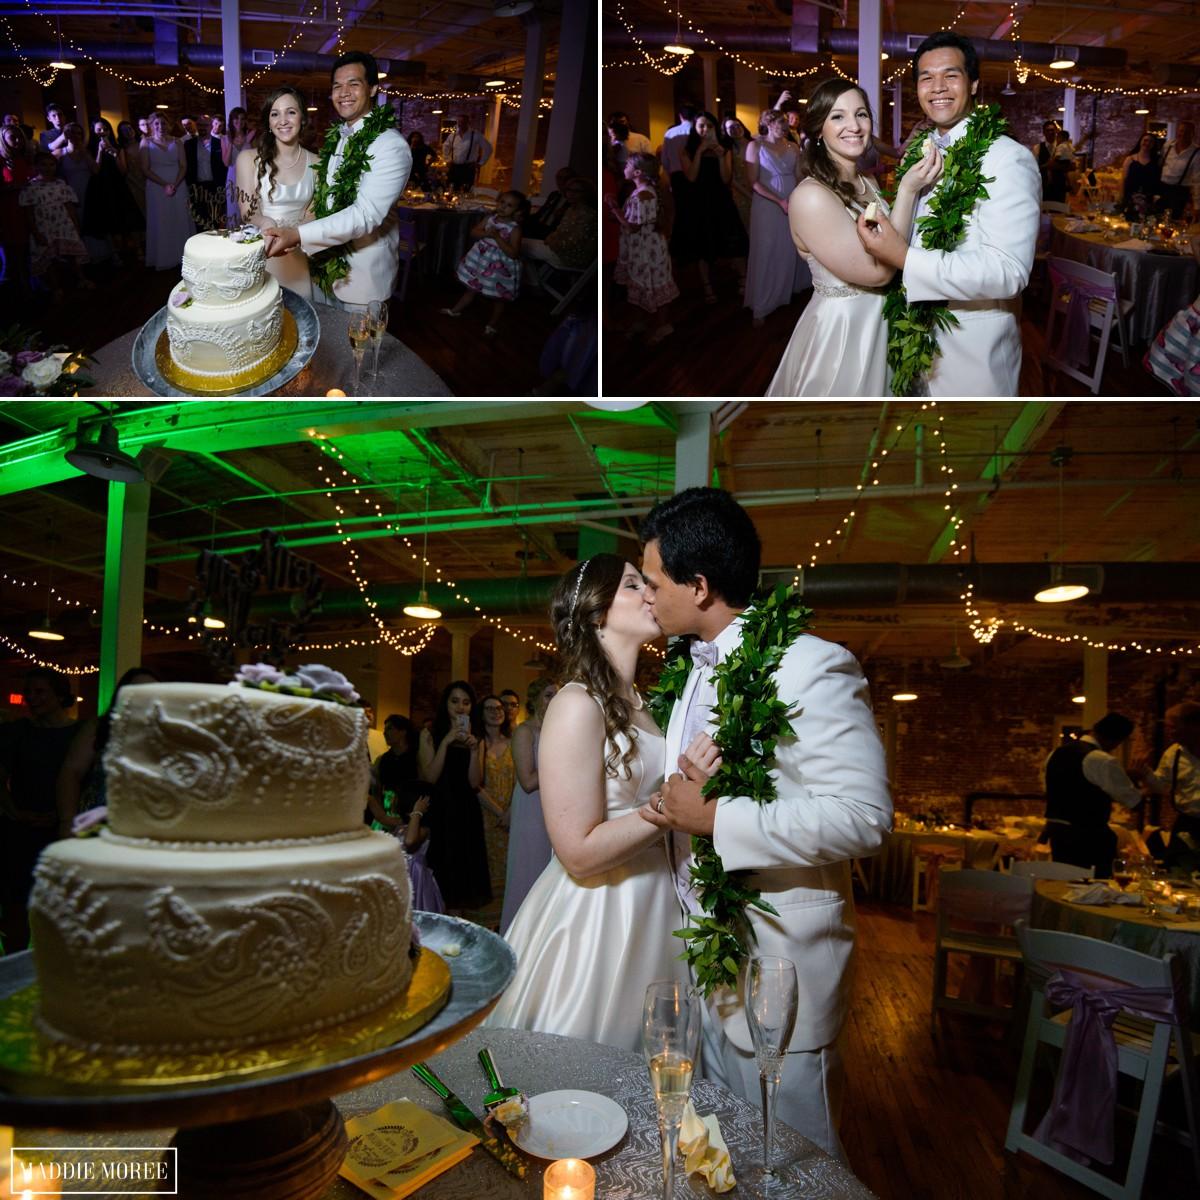 Wedding cake cut maddie moree